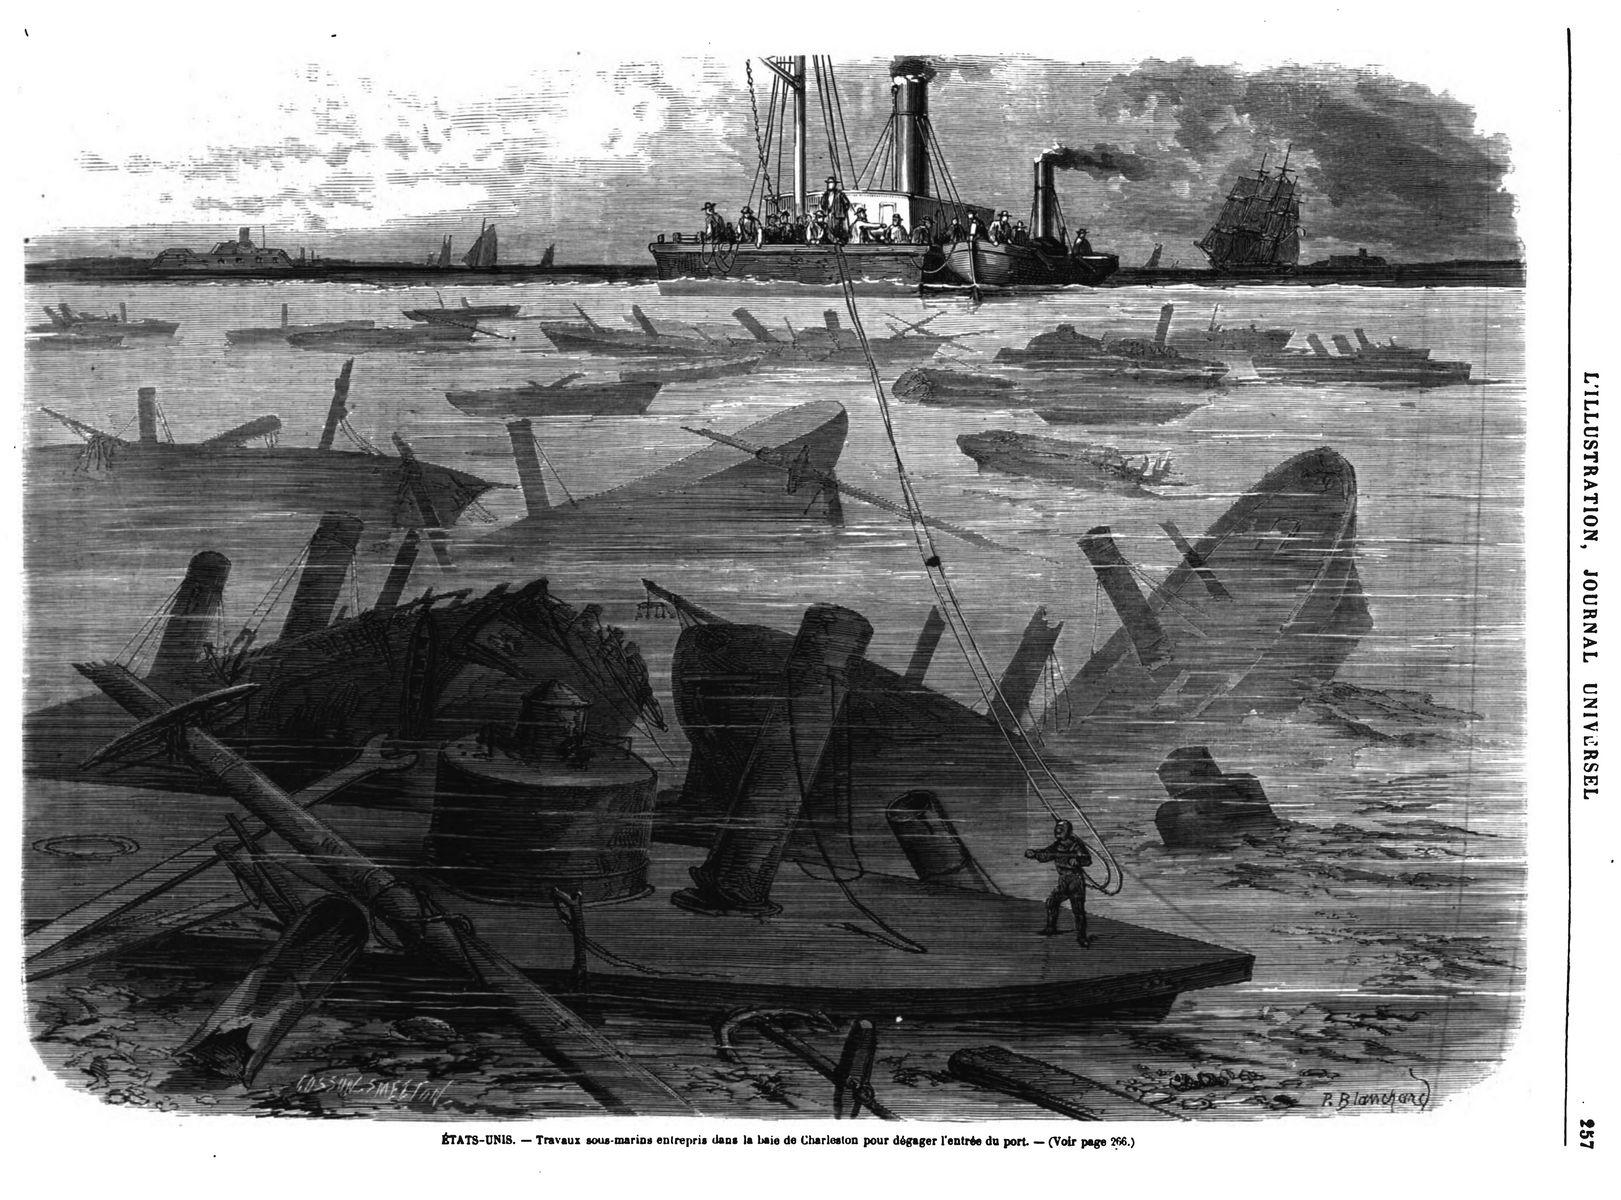 Travaux sous-marins entrepris dans la baie de Charleston jour dégager l'entrée du port. gravure du 19ème, 1870